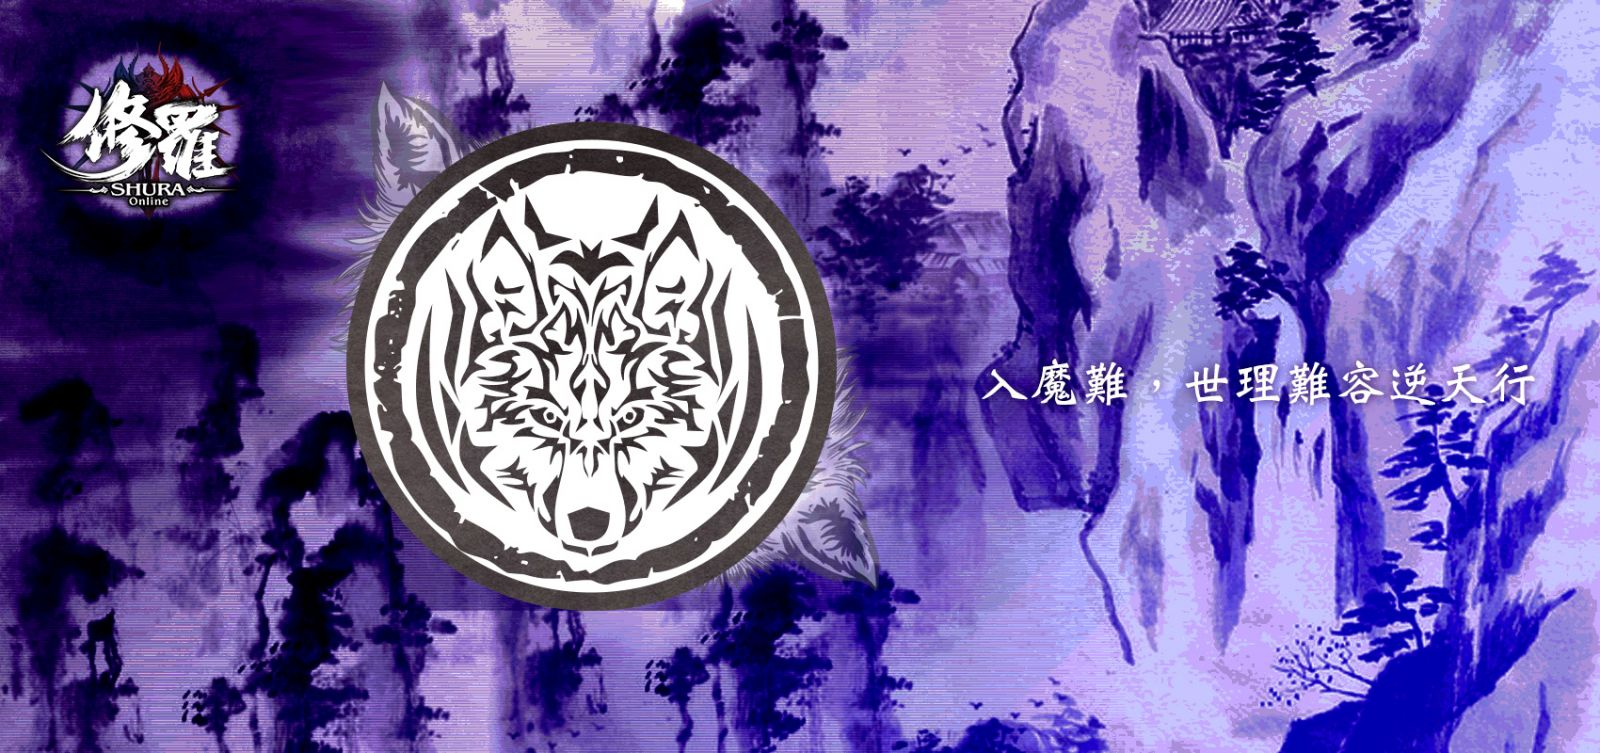 封存/水墨畫_3.jpg